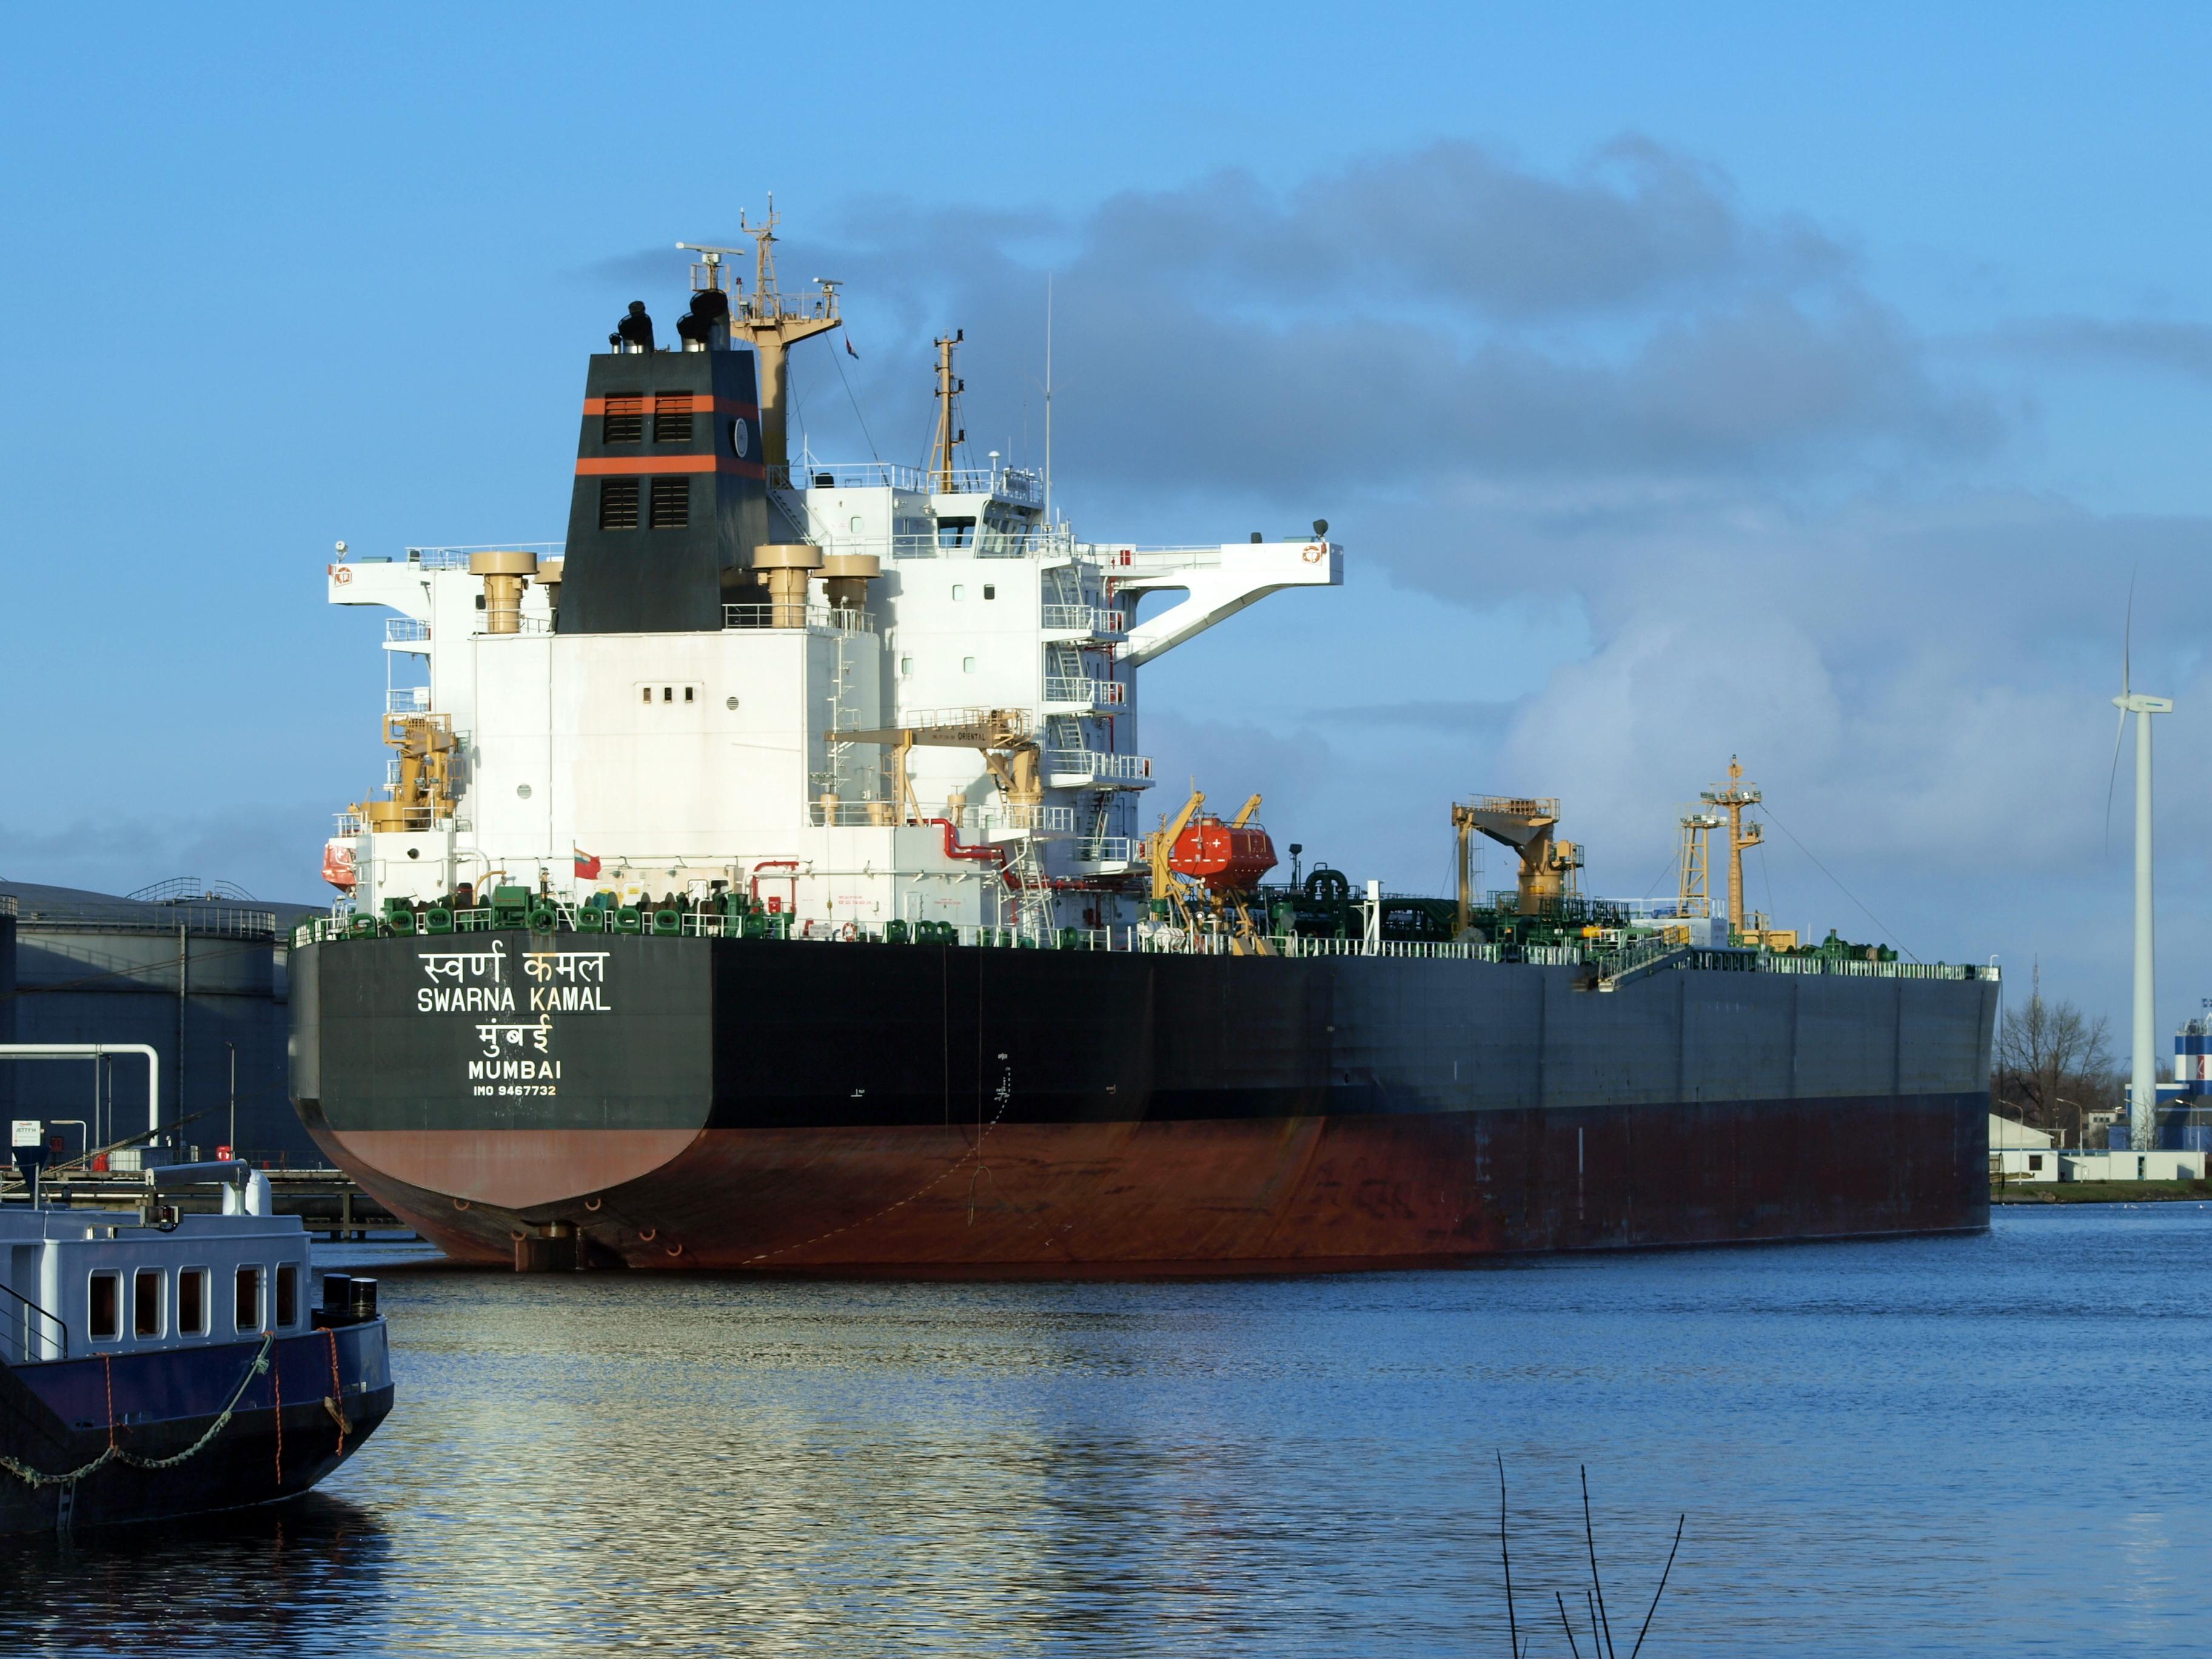 File:Swarna Kamal, IMO 9467732, Port of Amsterdam, photo.